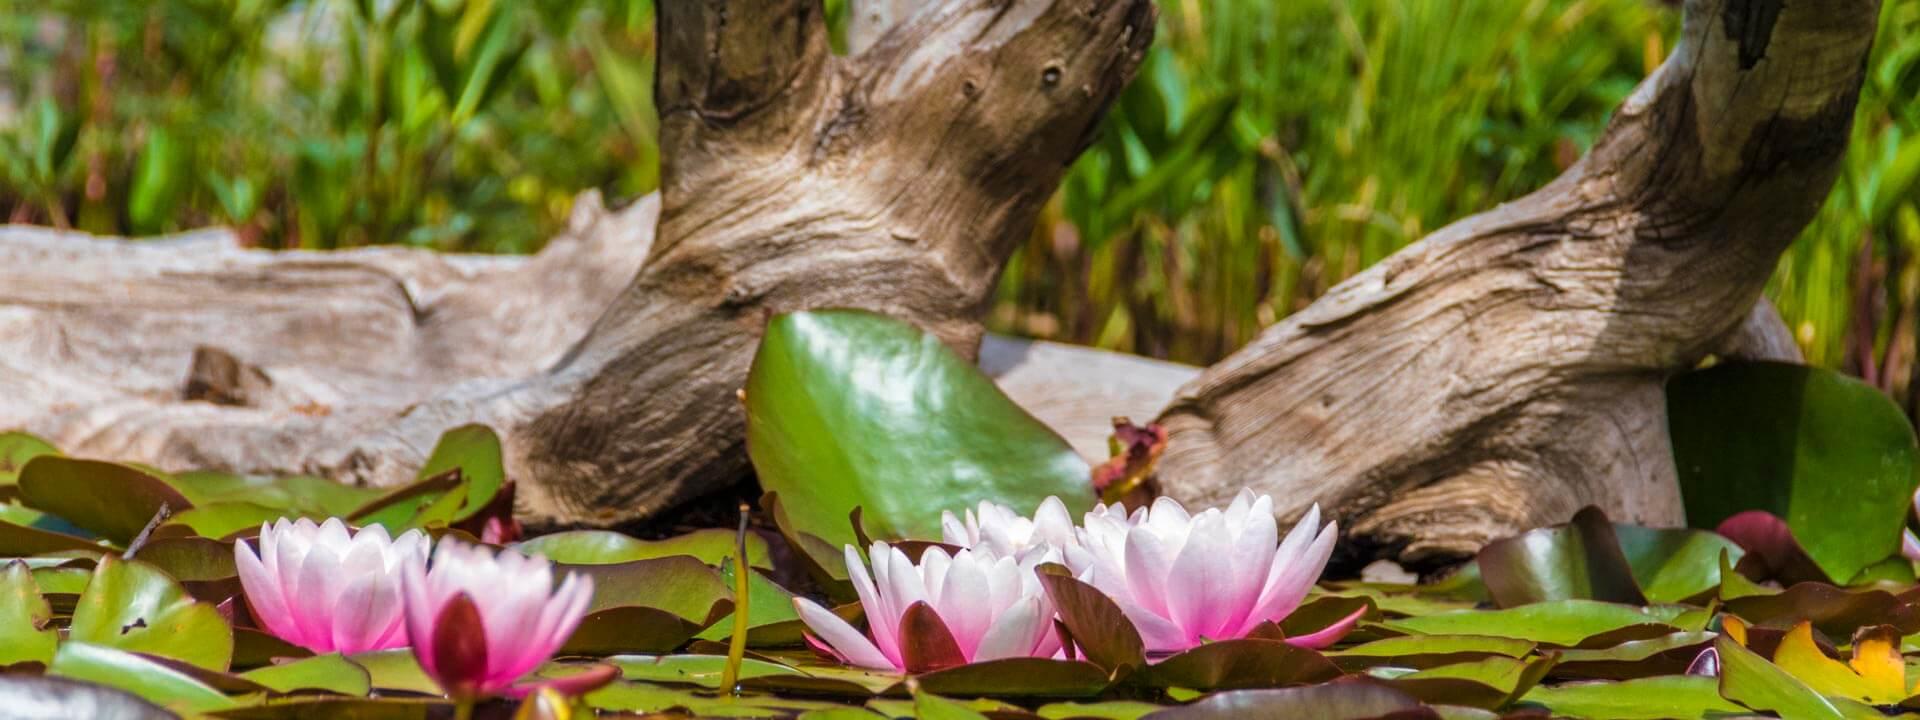 Seerosen vor in einem Teich mit einem Ast im Hintergrund